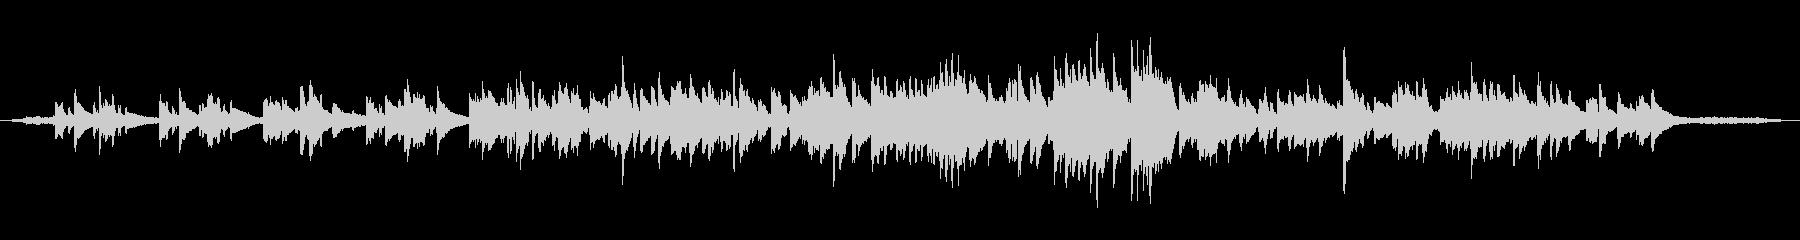 ピアノソロ 鳥と虫の音の未再生の波形